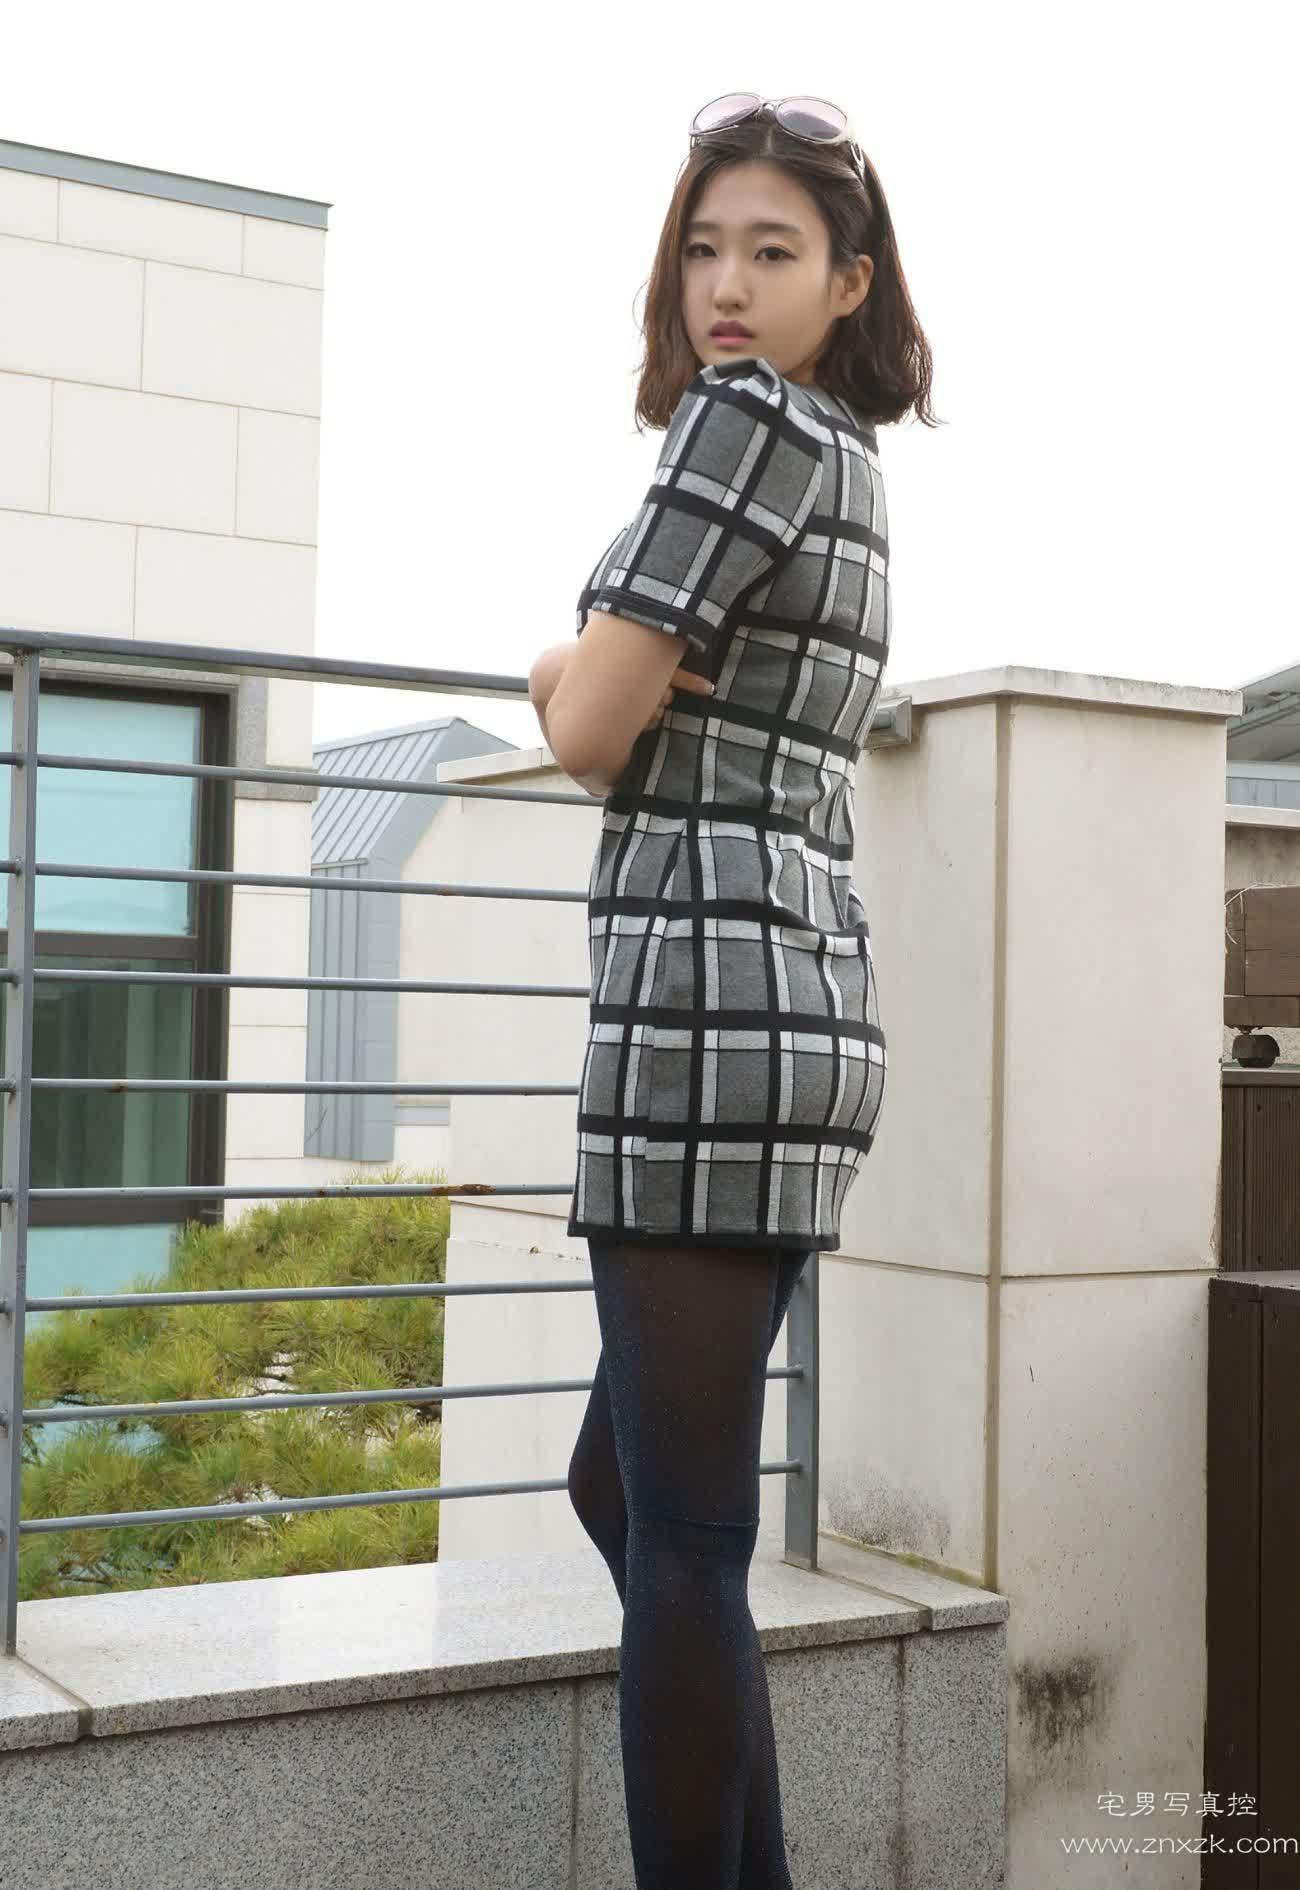 [美女私拍]天台上的甜美黑色厚丝袜美女